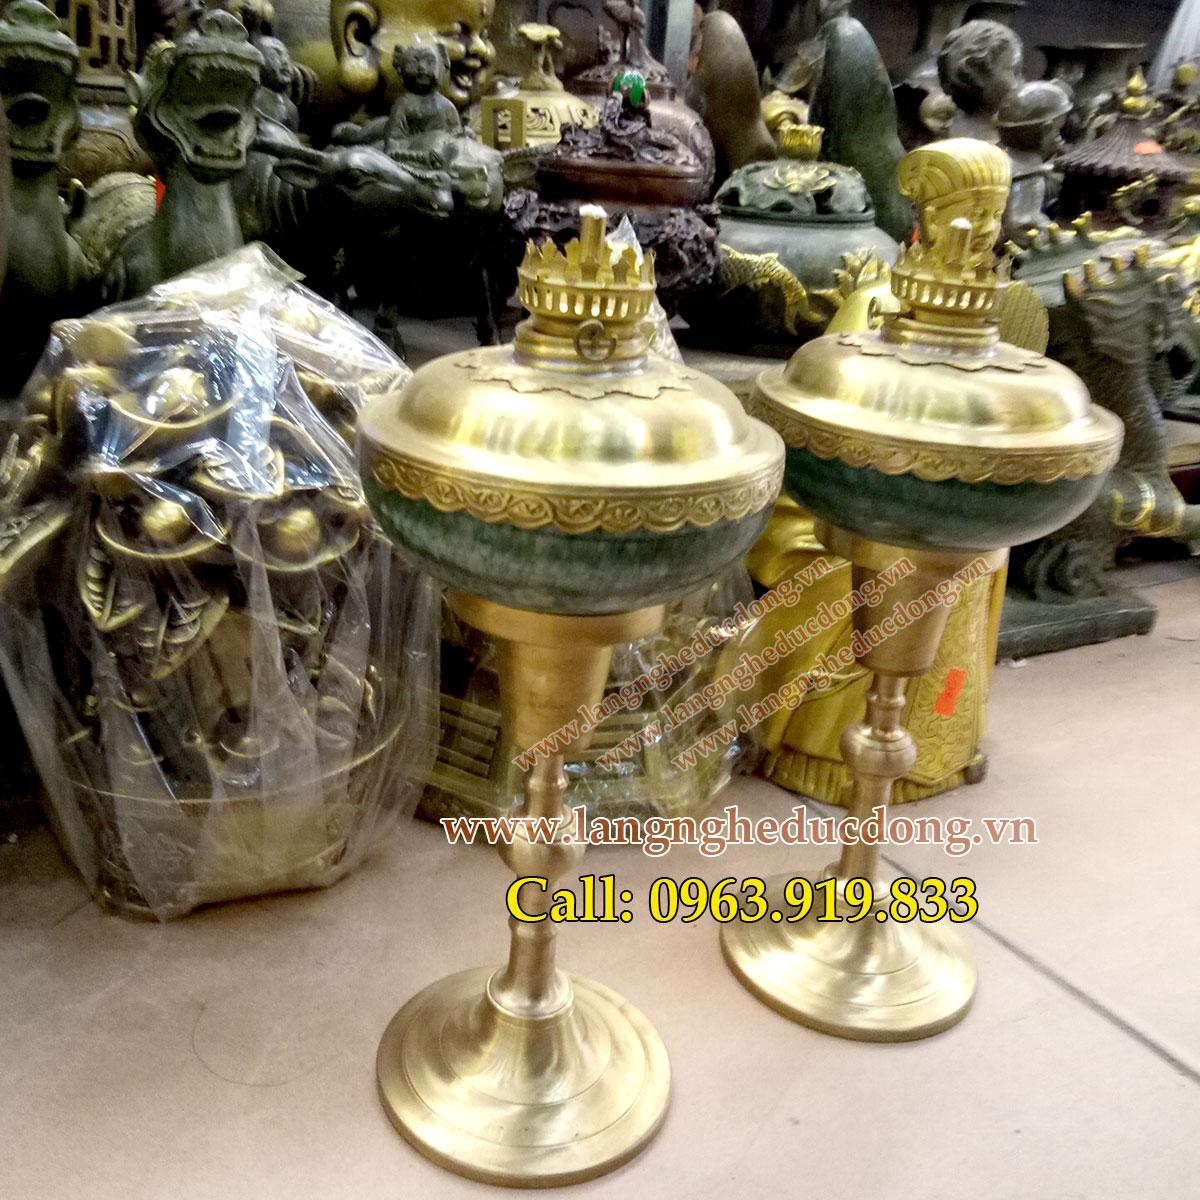 langngheducdong.vn - đèn dầu, đèn sứ bọc đồng, đèn thắp dầu thơm, đèn thờ thắp tinh dầu